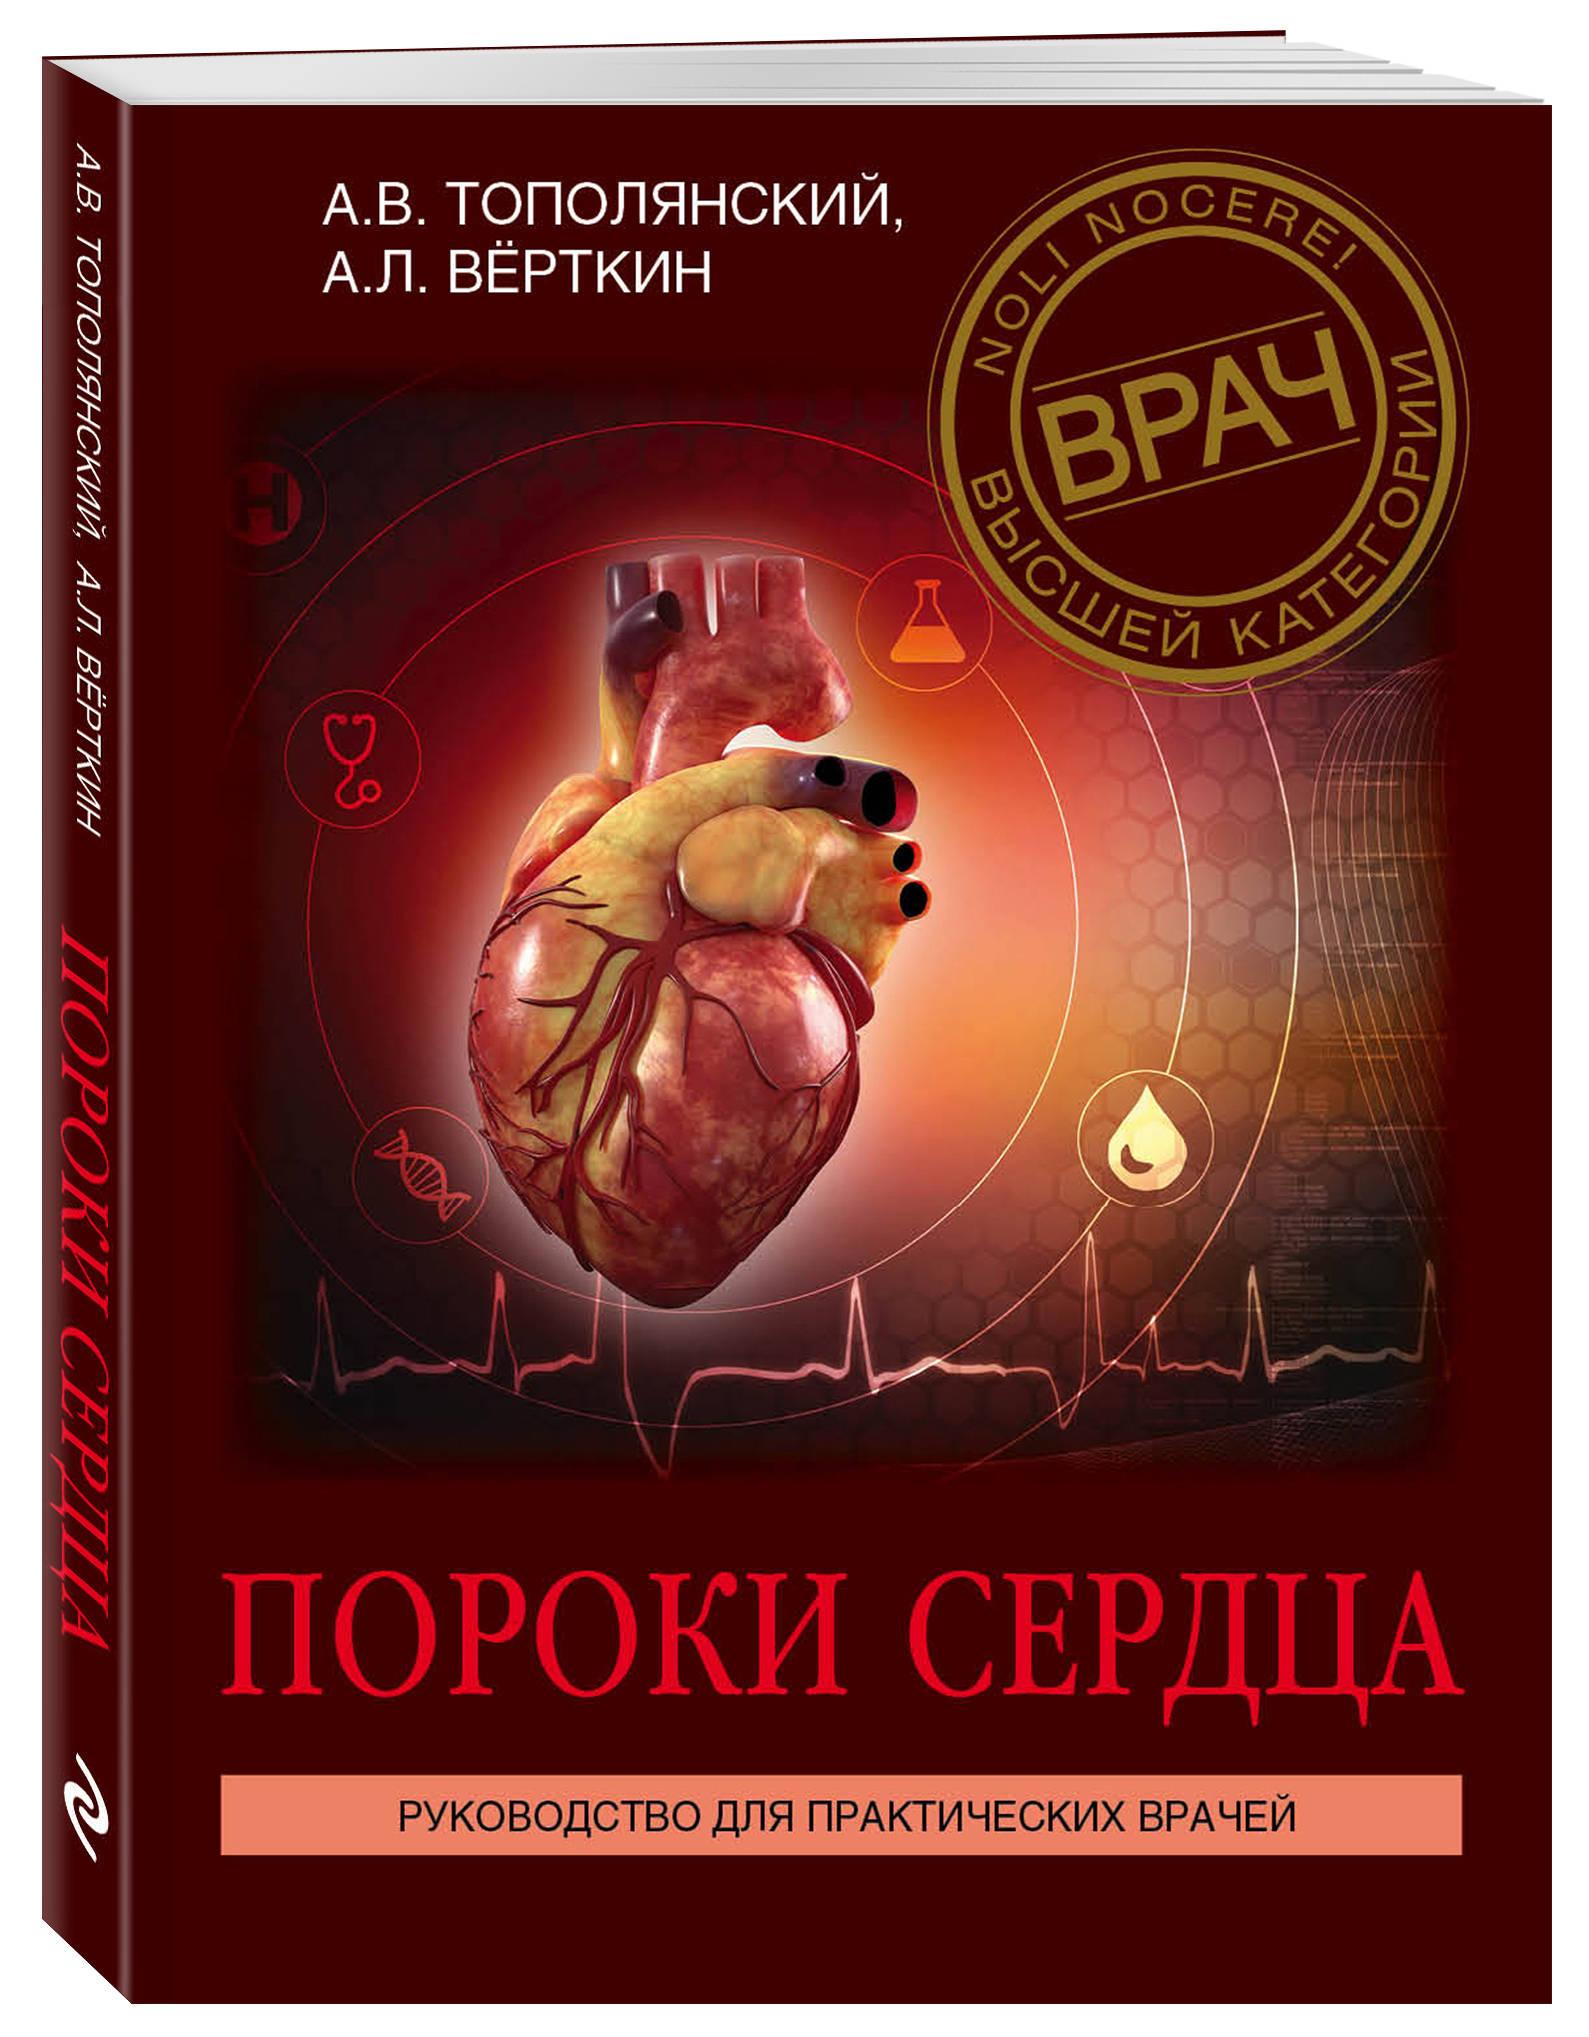 Вёрткин А.Л., Тополянский А.В. Пороки сердца. Руководство для практических врачей приобретенные пороки сердца